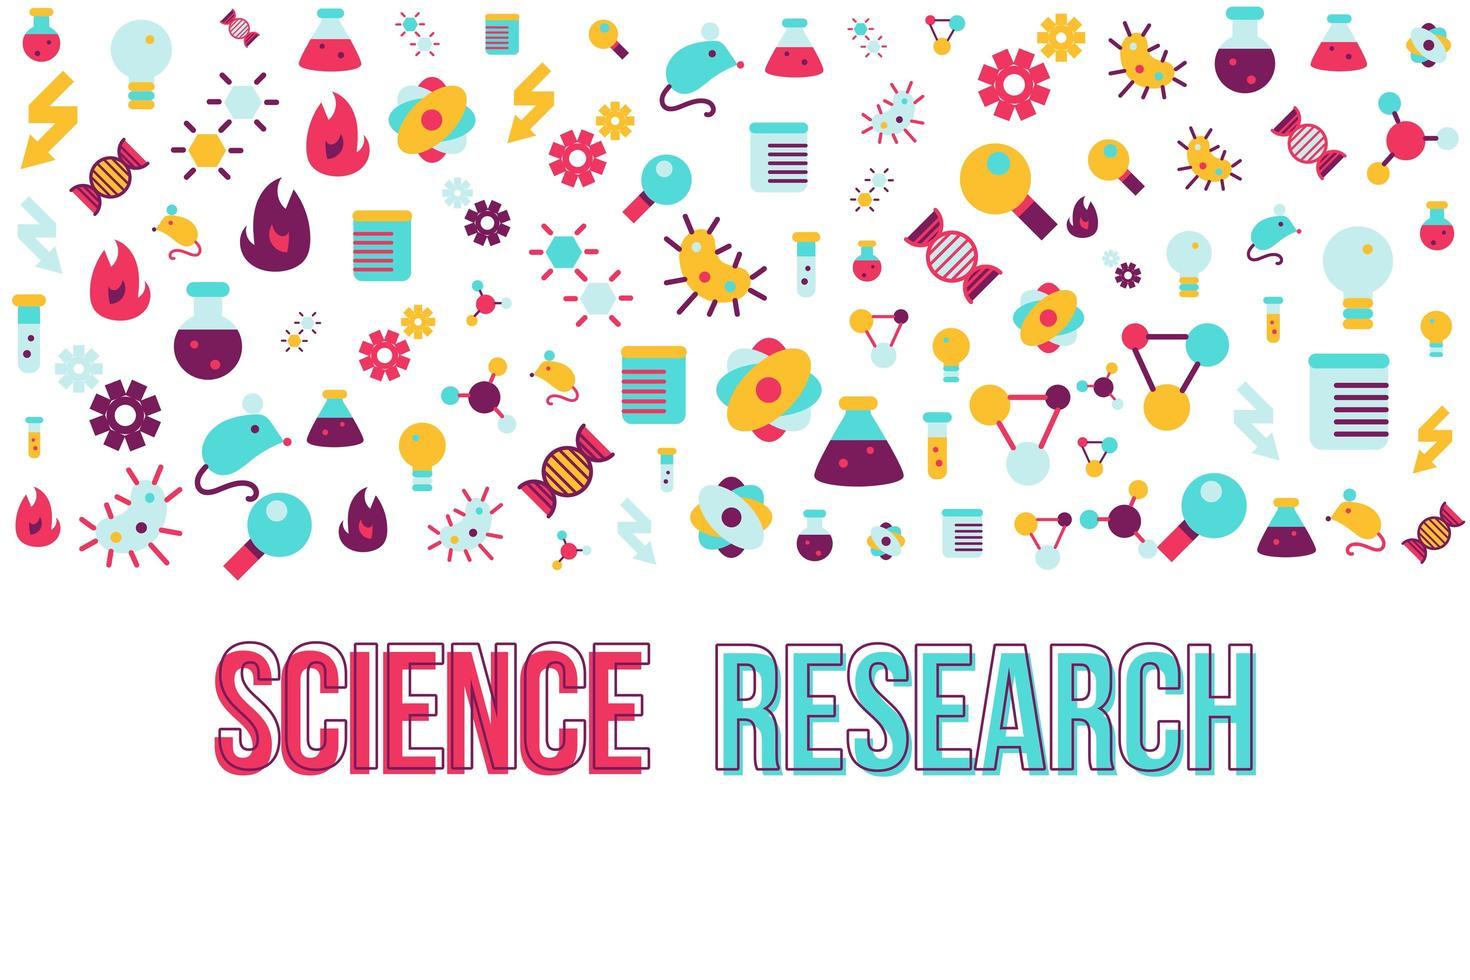 modelo de vetor de faixa plana de pesquisa de biologia